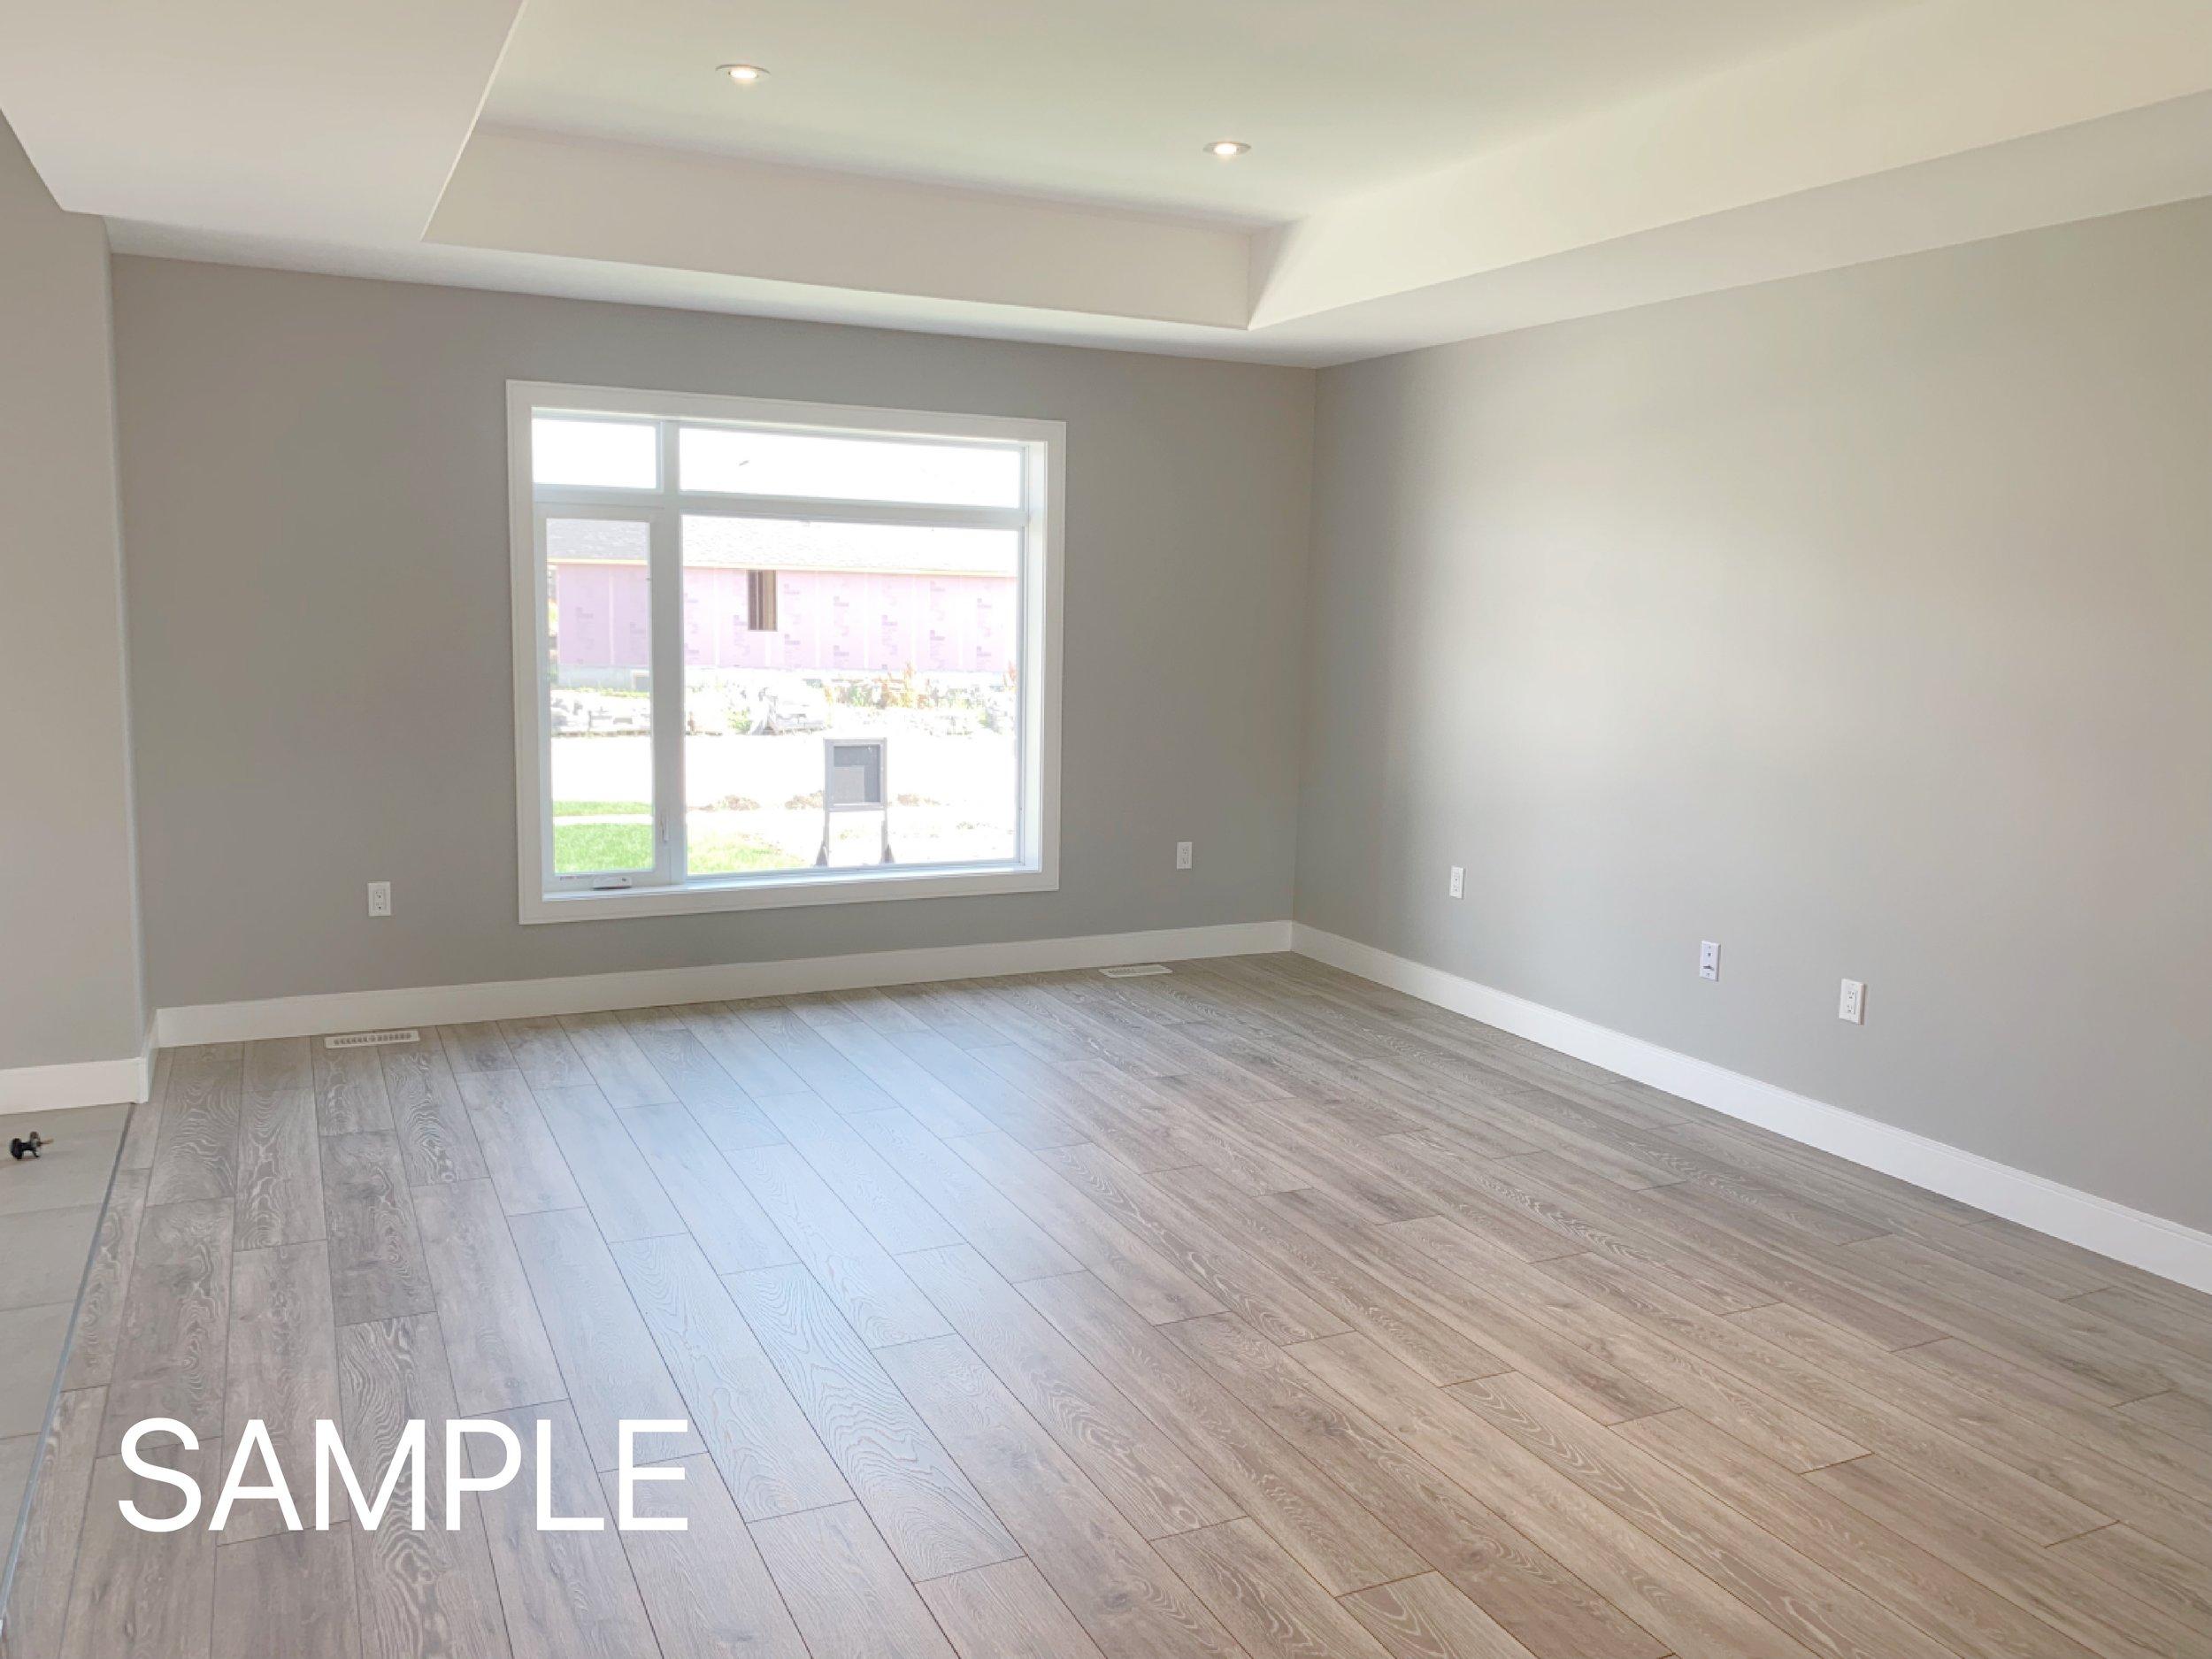 Cobblestone Cabot Livingroom Sample.jpg